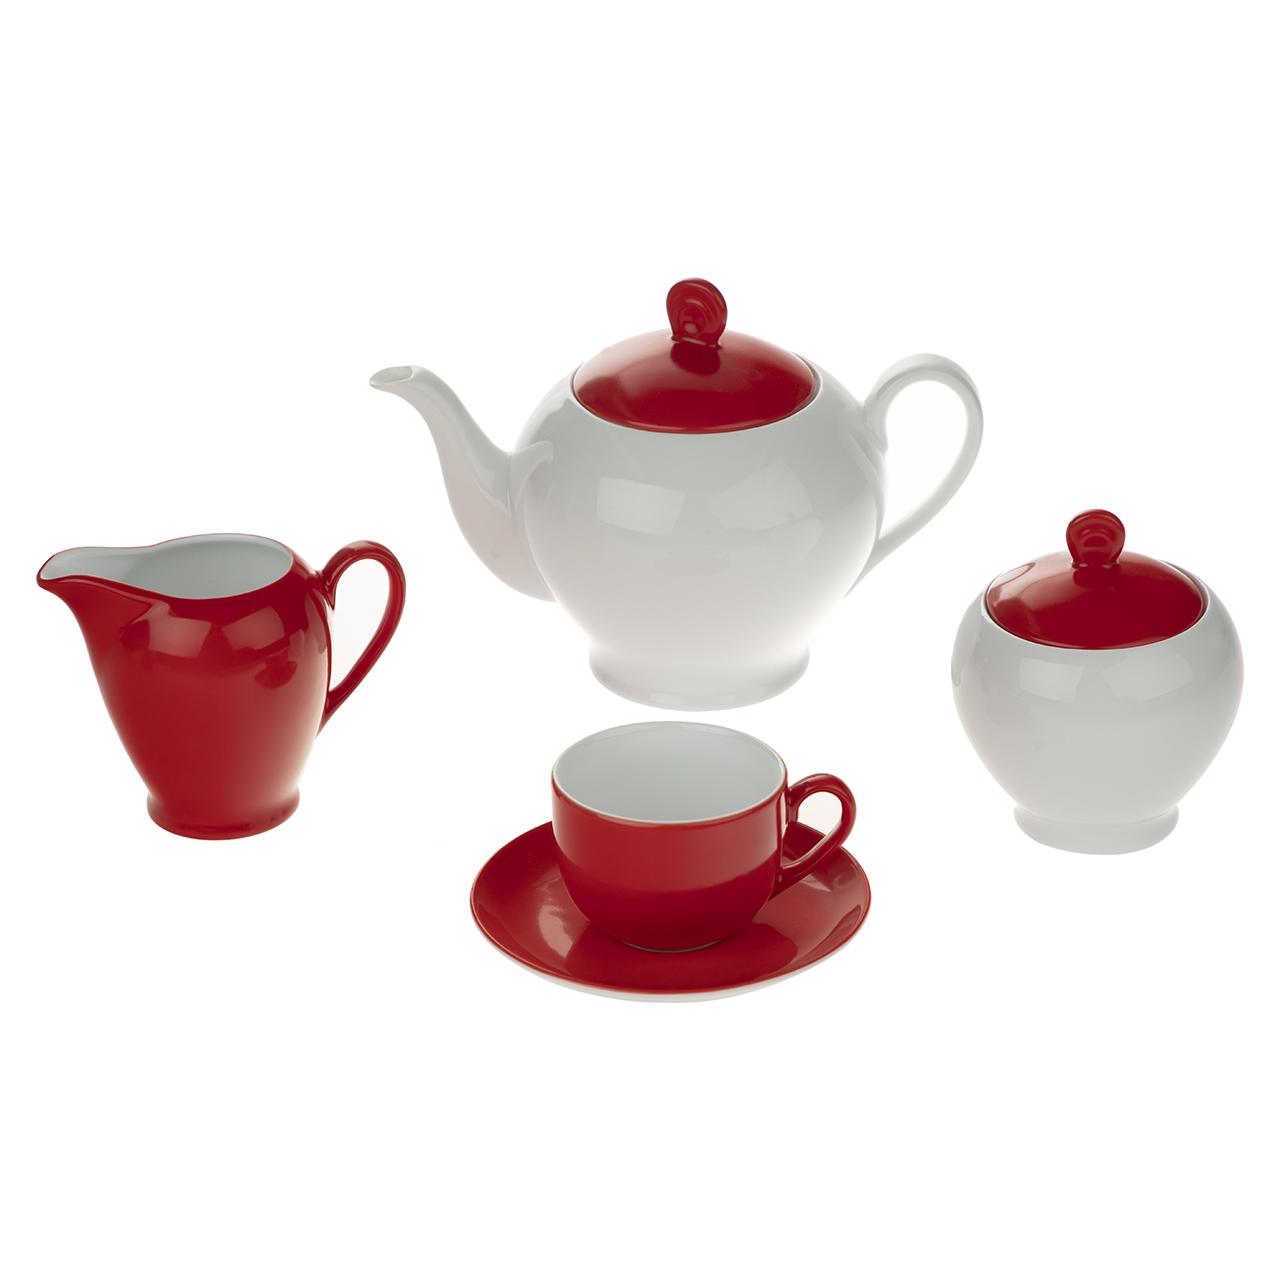 سرویس چای خوری 17 پارچه چینی زرین ایران سری ایتالیا اف مدل آیریس درجه یک